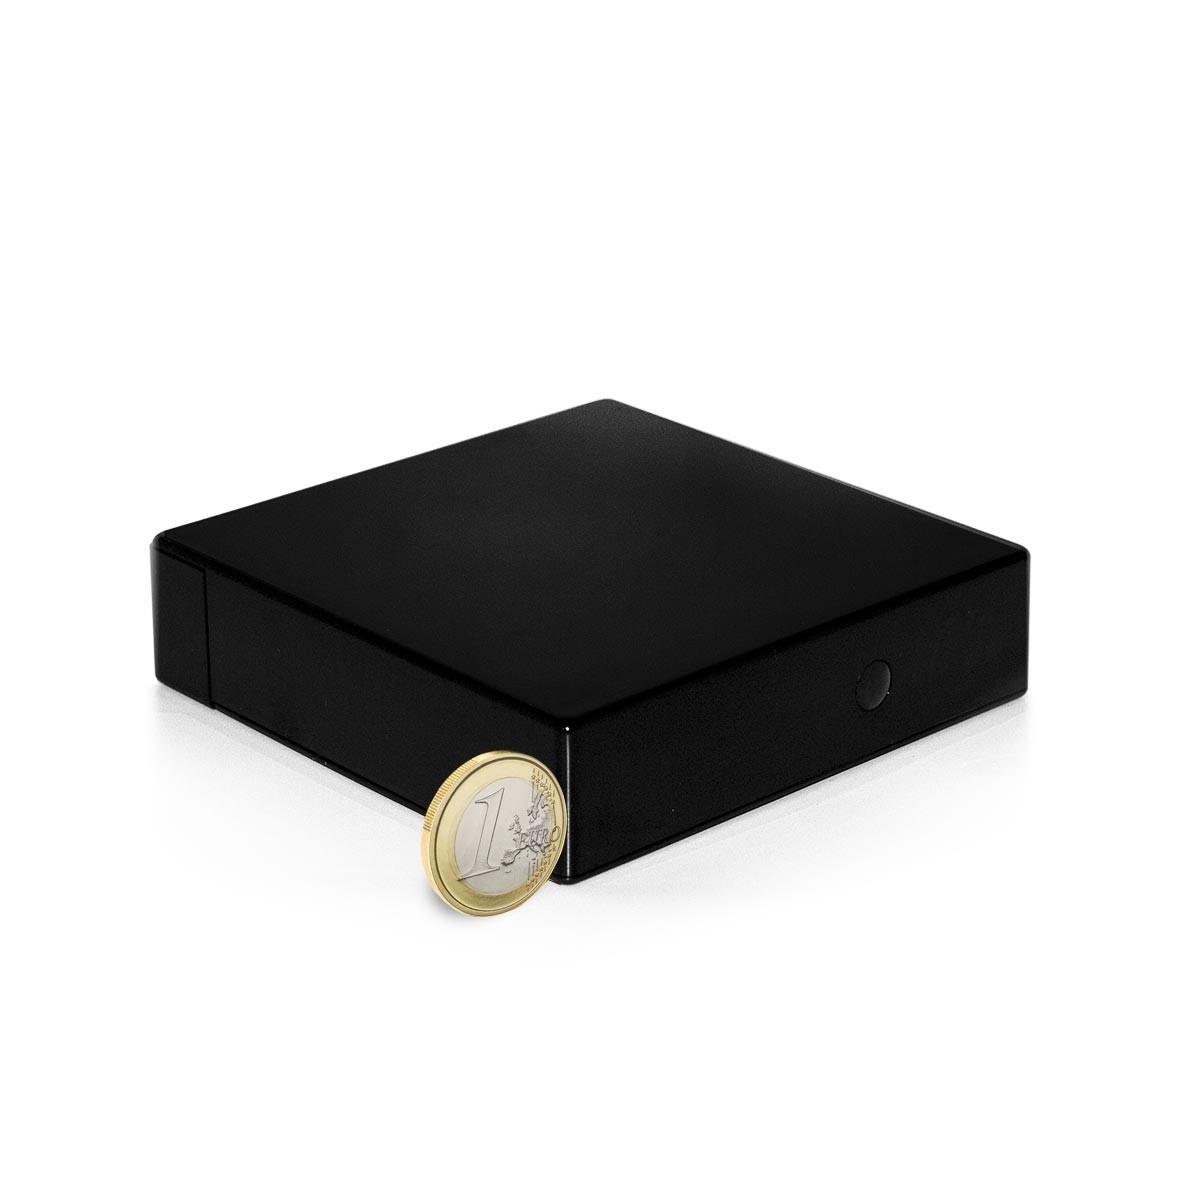 Caméra cachée dans une boîte noire HD 720P WiFi longue autonomie avec détection de mouvement